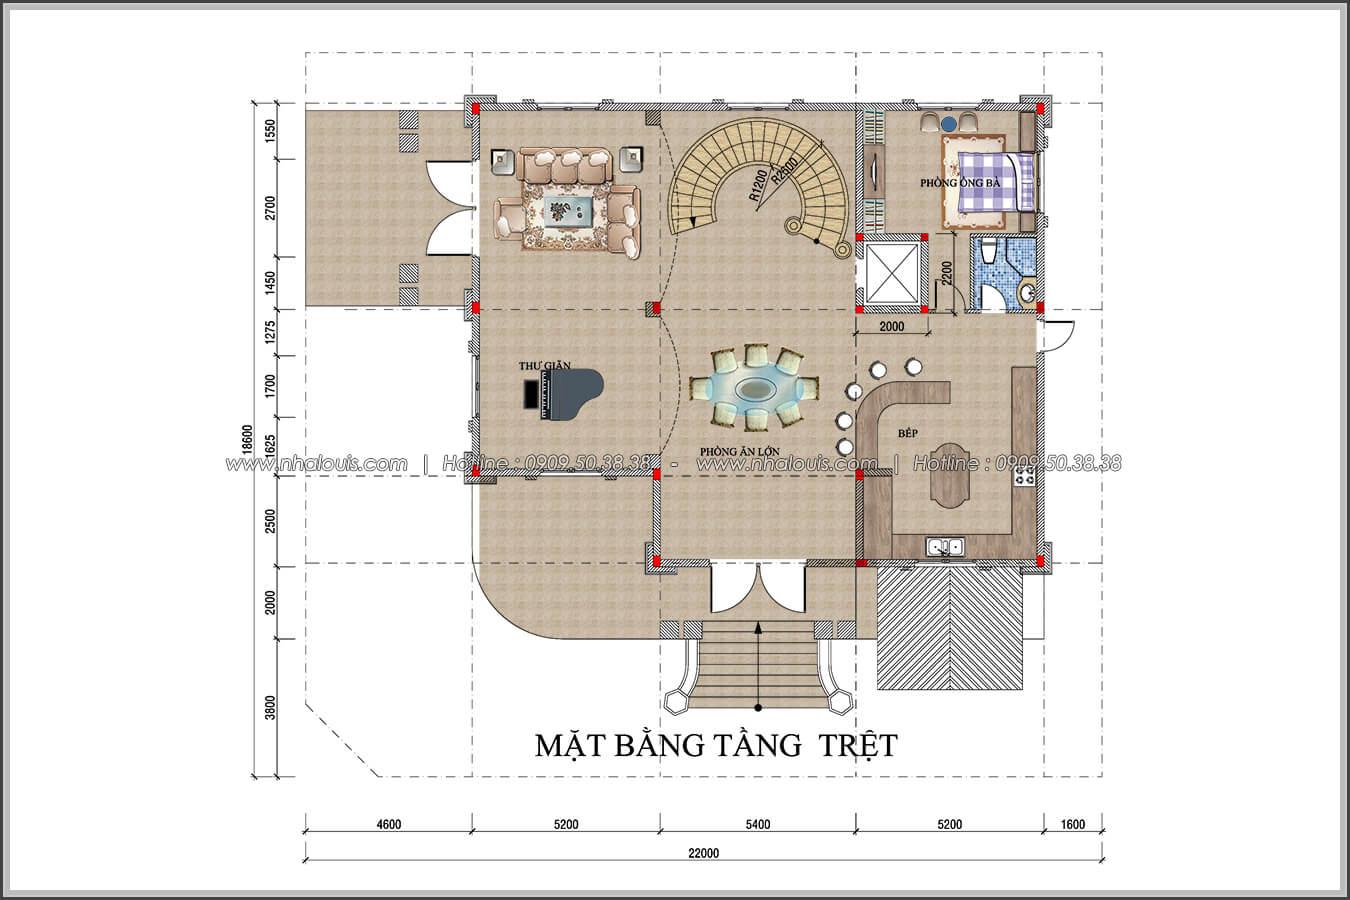 Mặt bằng tầng trệt thiết kế biệt thự có tầng hầm tại Bình Tân - 05